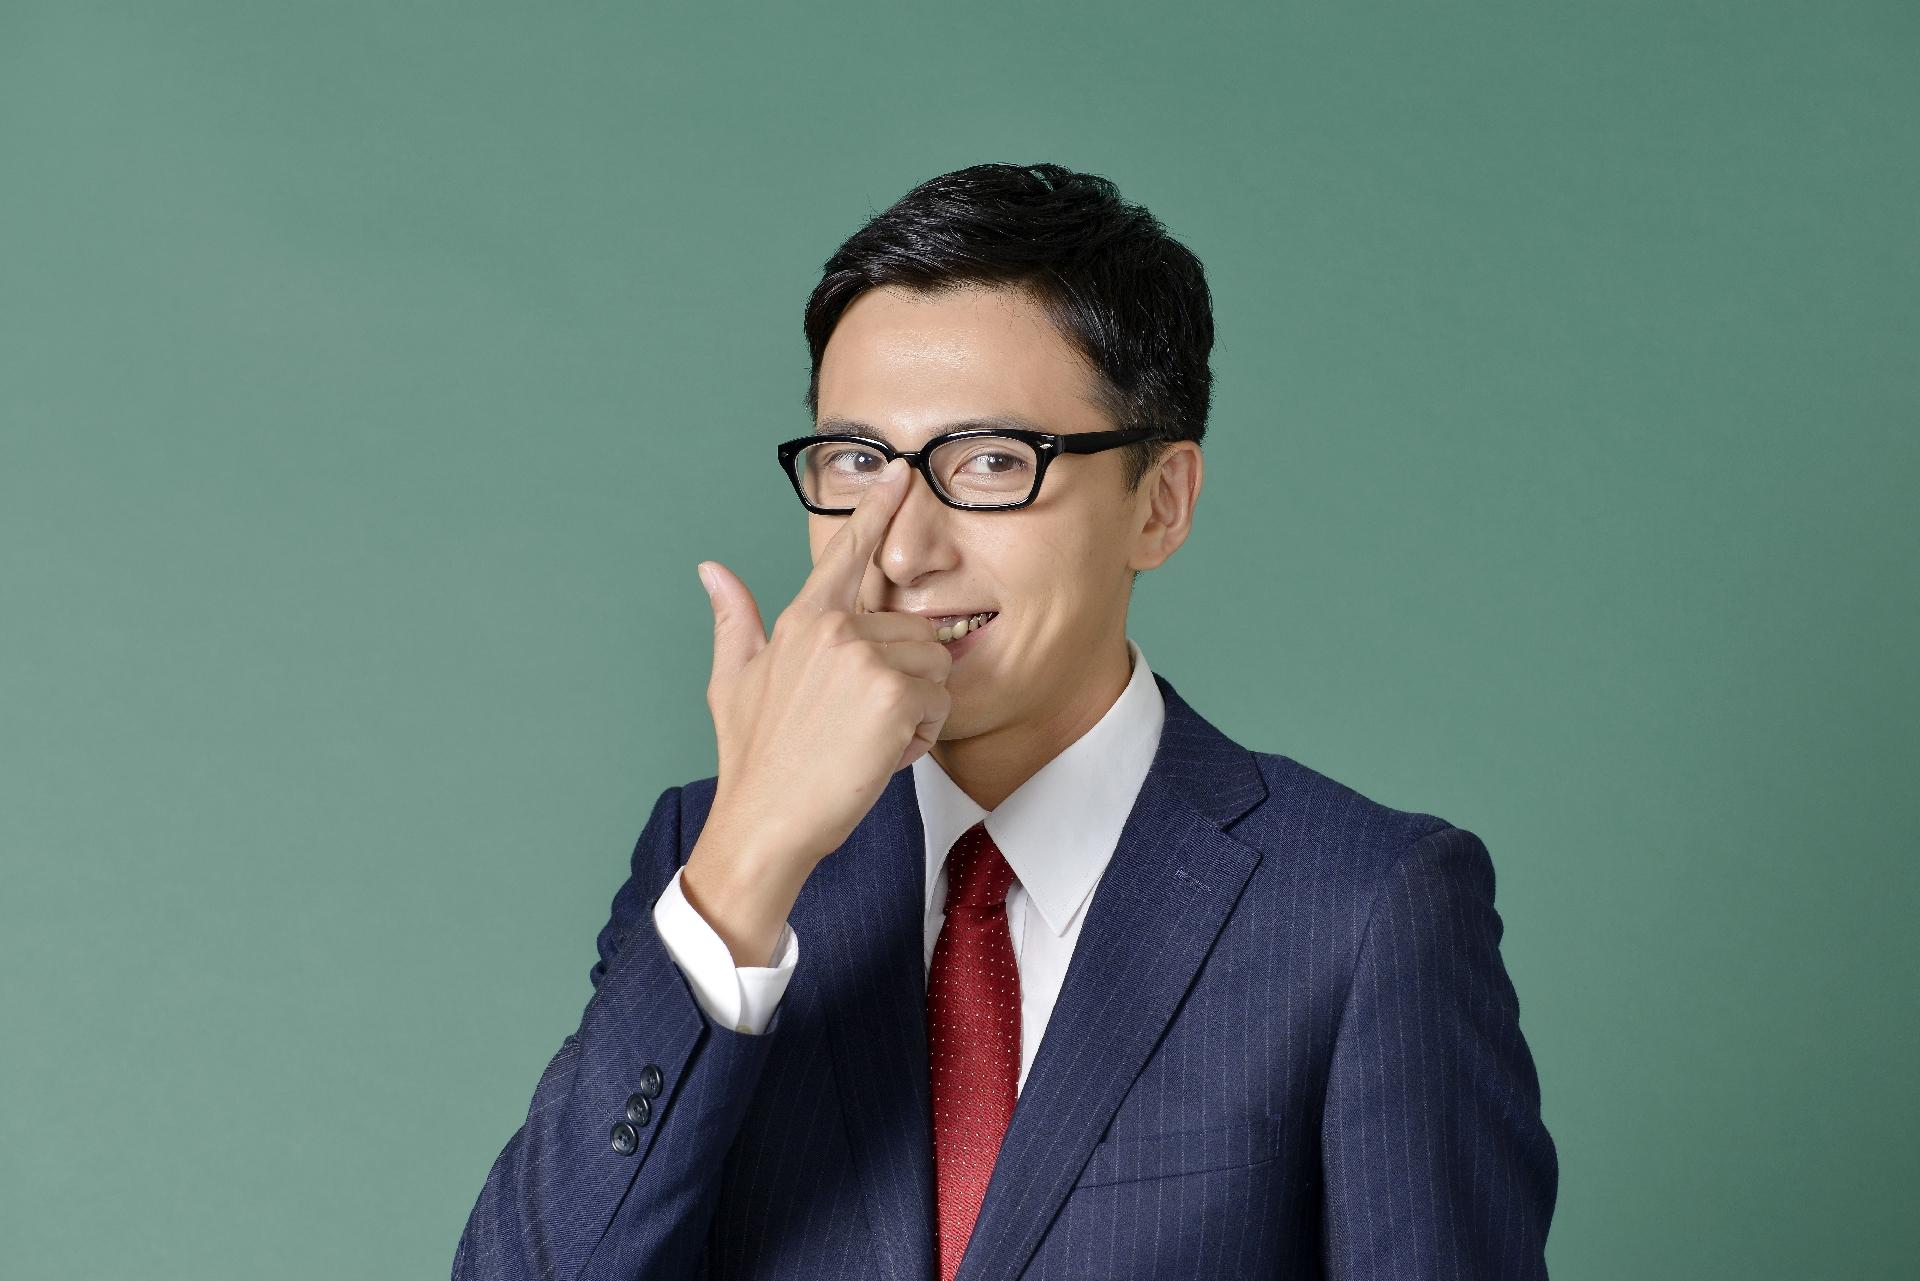 メガネ男子を好きな理由⑤片手で眼鏡を上げる仕草